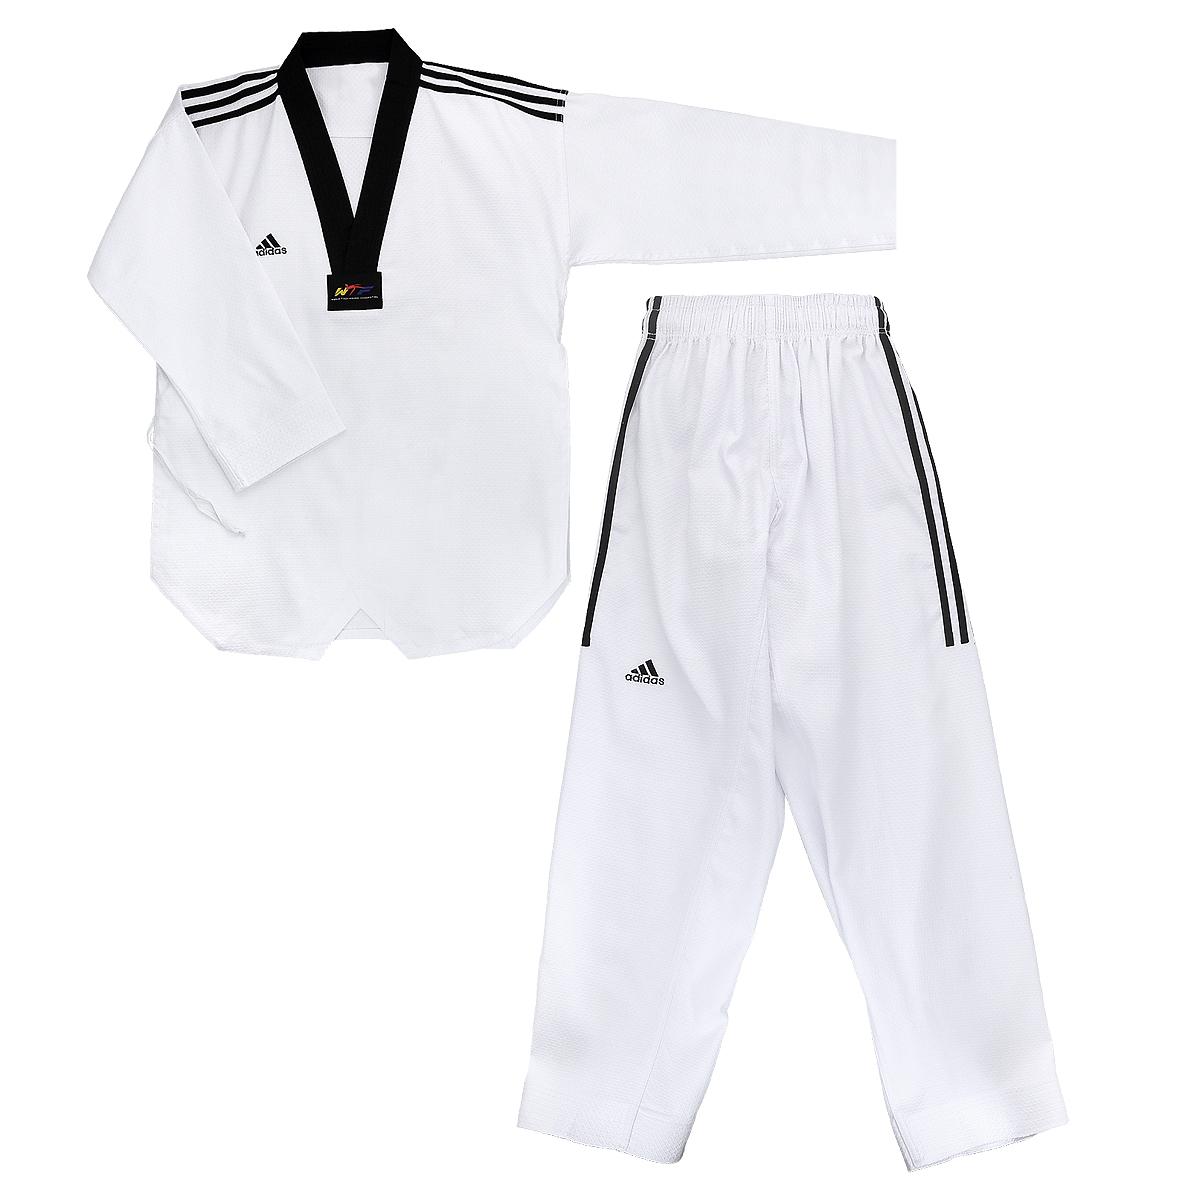 Кимоно для тхэквондо adidas Adi-GrandMaster 3, цвет: белый, черный. adiTGM01-WH/BK. Размер 160